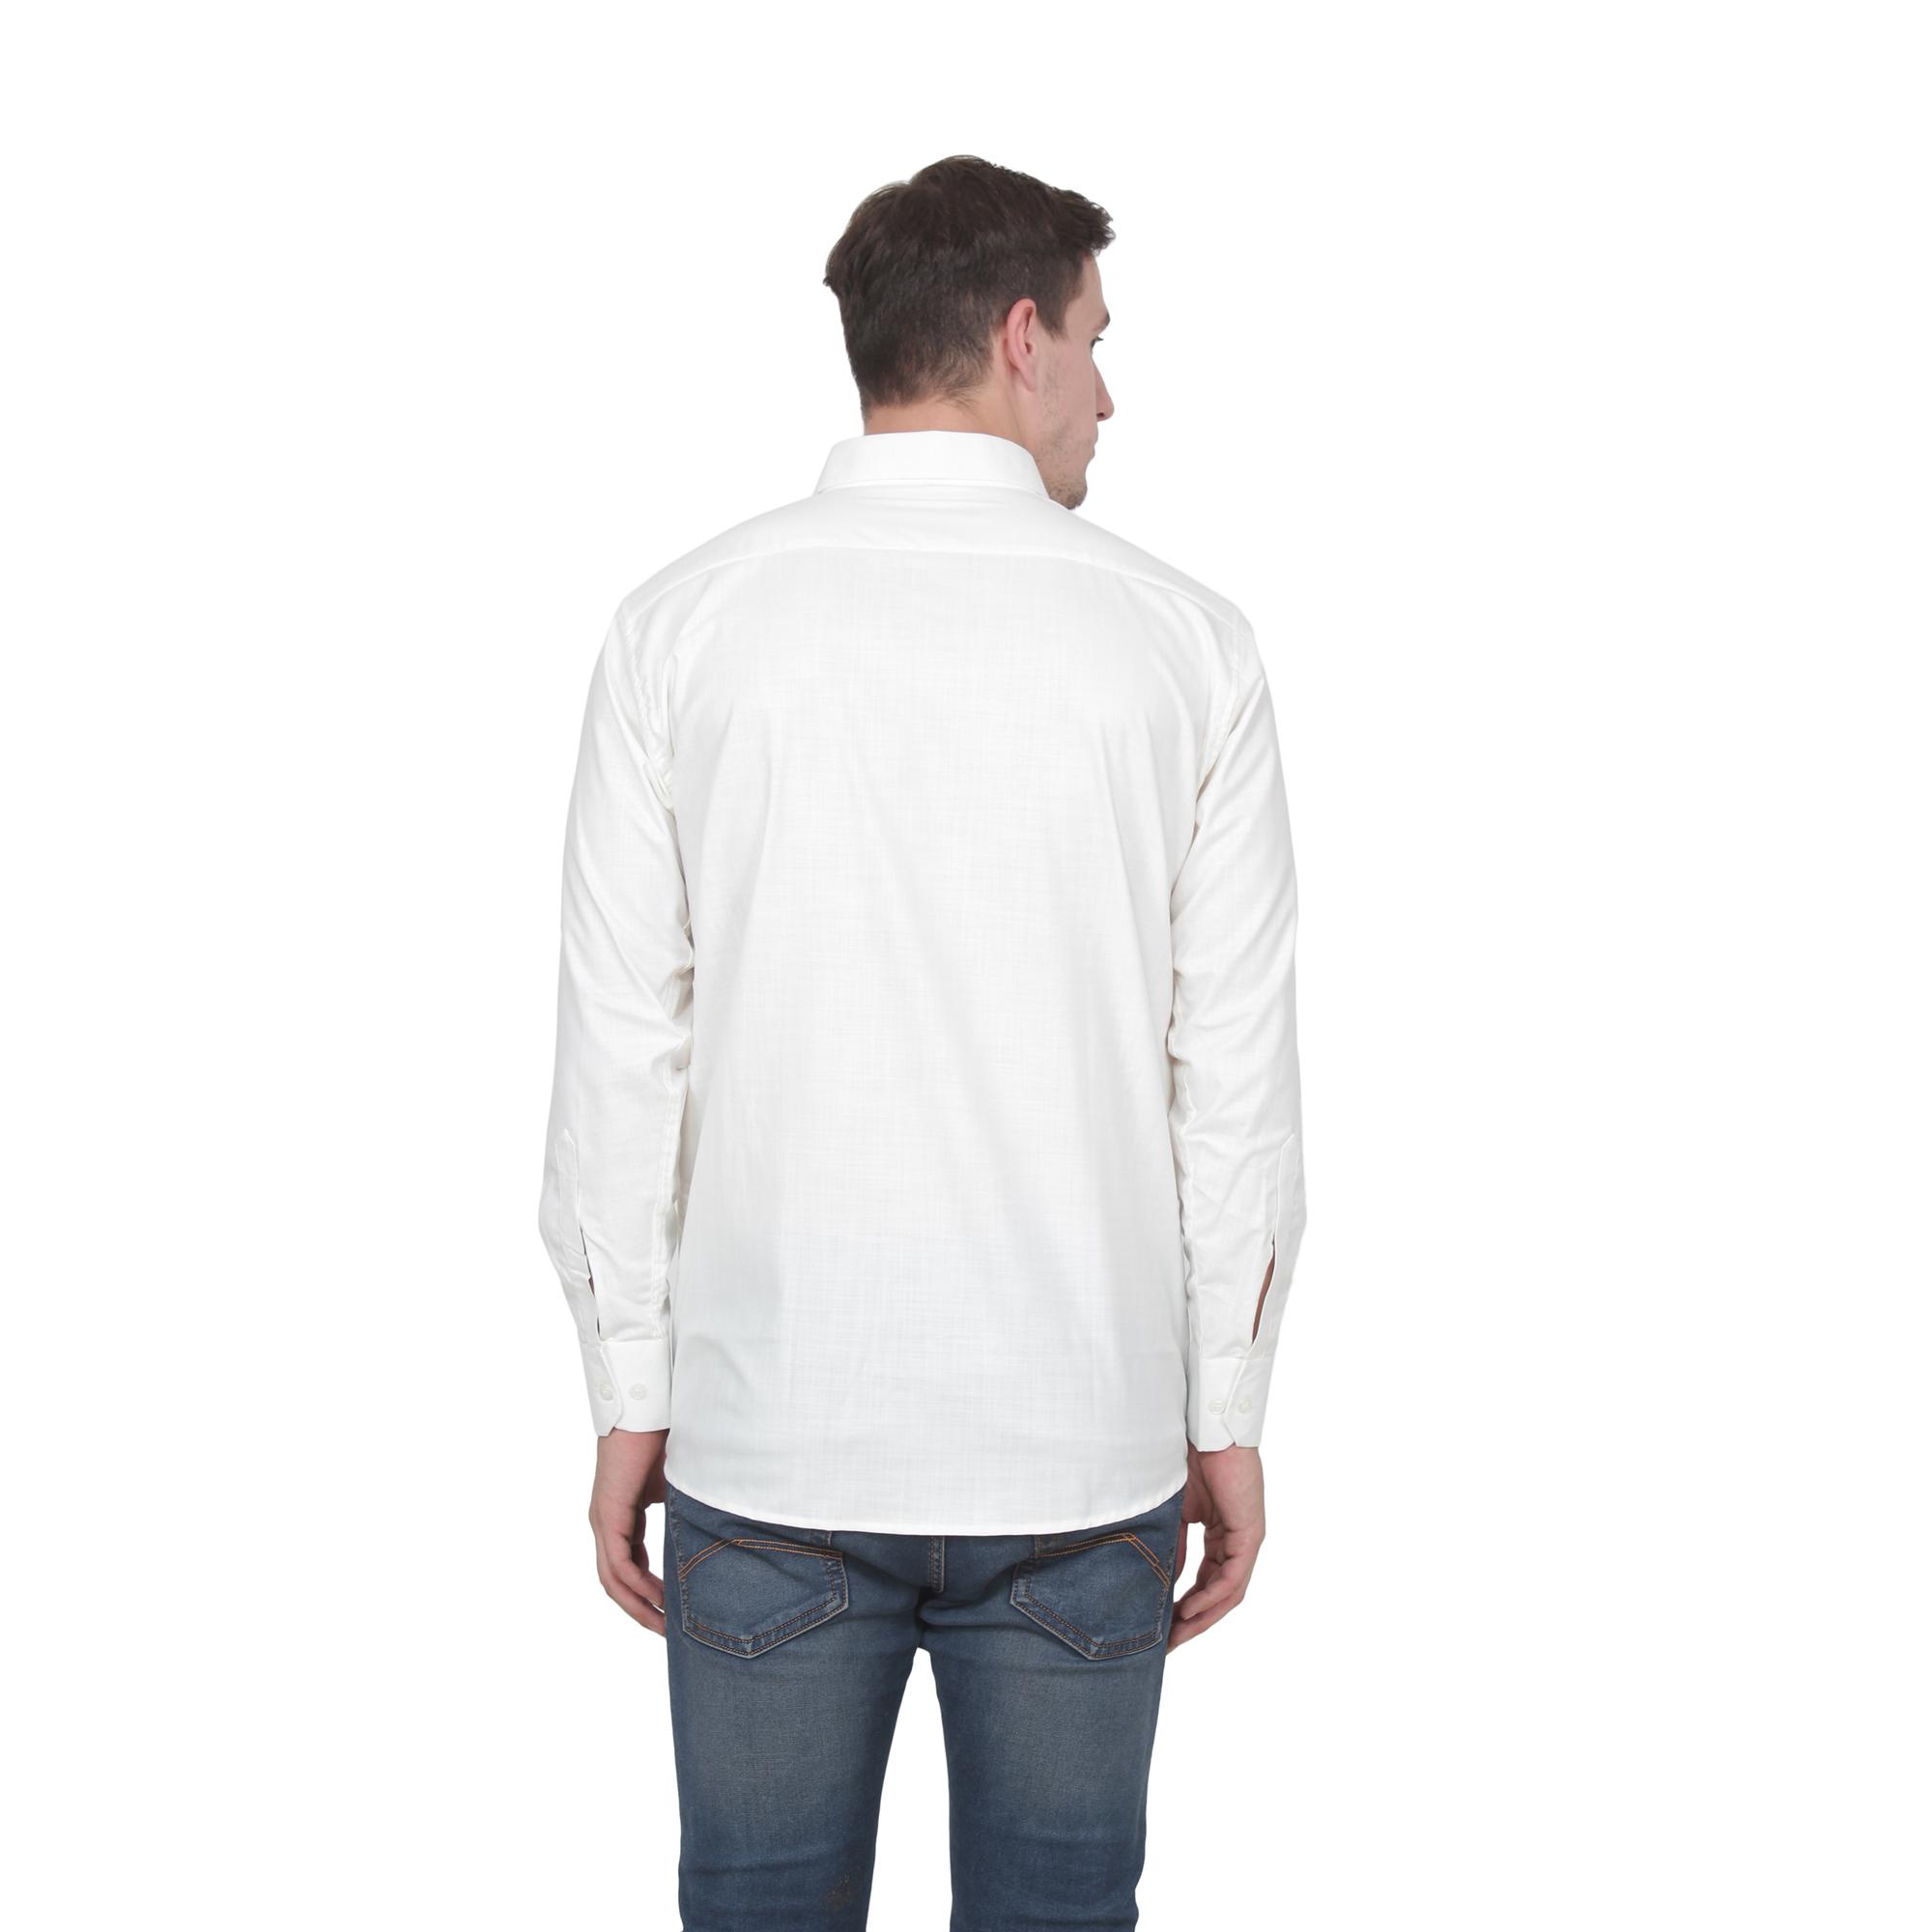 Men Party Wear Shirts  Color White